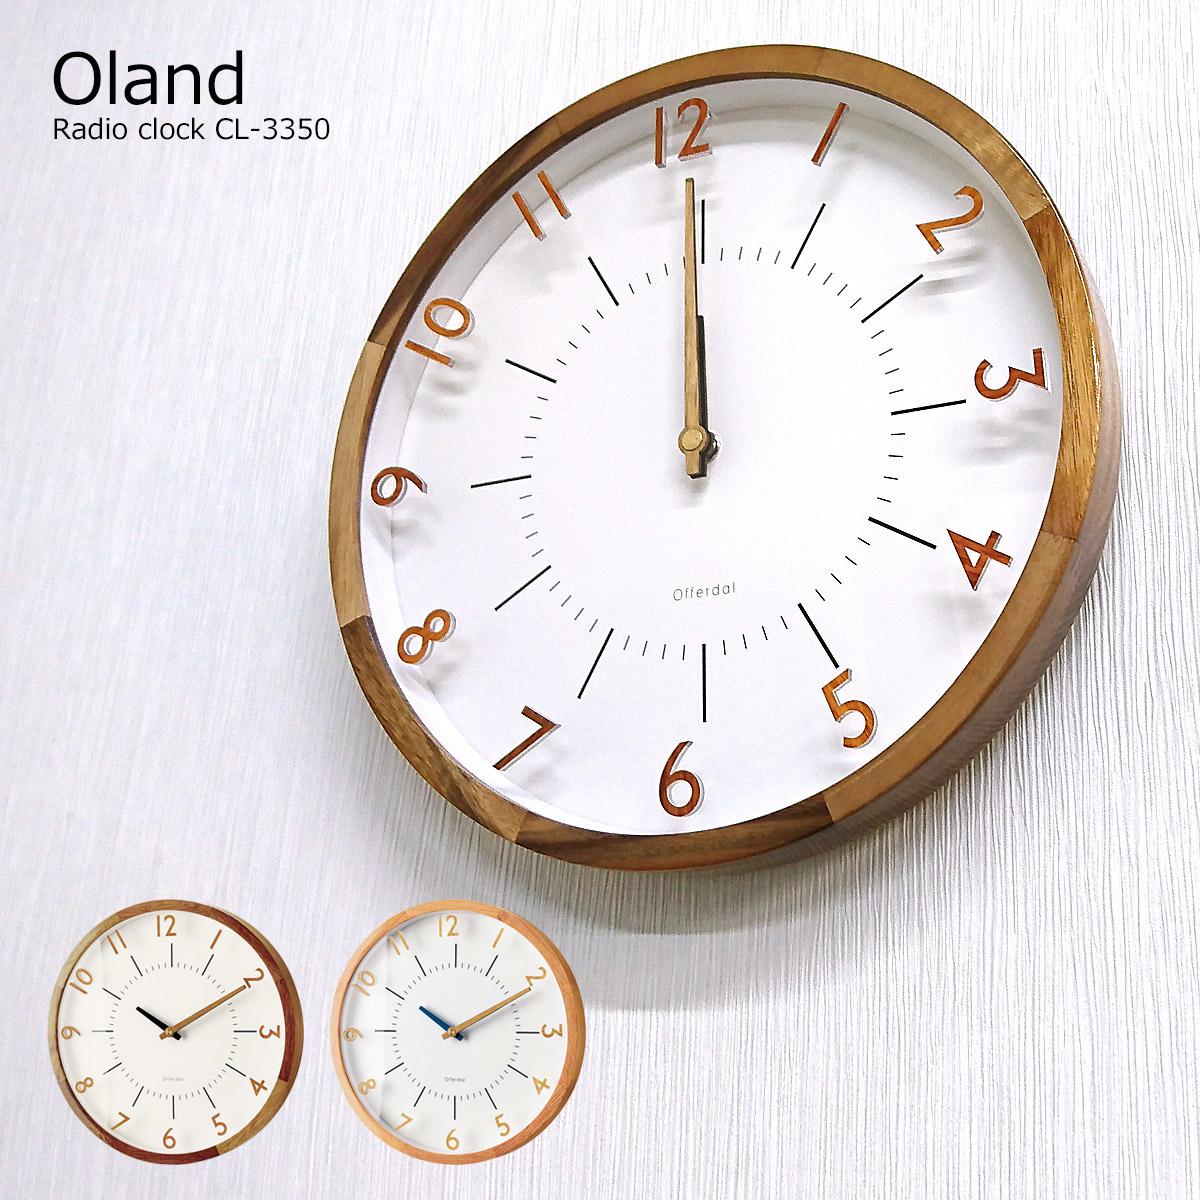 電波時計 掛時計 北欧 アナログ シンプル 壁掛け時計 電波 おしゃれ 時計 壁掛け 掛け時計 Oland オラント ナチュラル デザイナーズ おトク 可愛い PUP01 オンラインショッピング 見やすい ウォールクロック インテリア CL-3350 あす楽 着後レビューでクーポン 木製 オシャレ